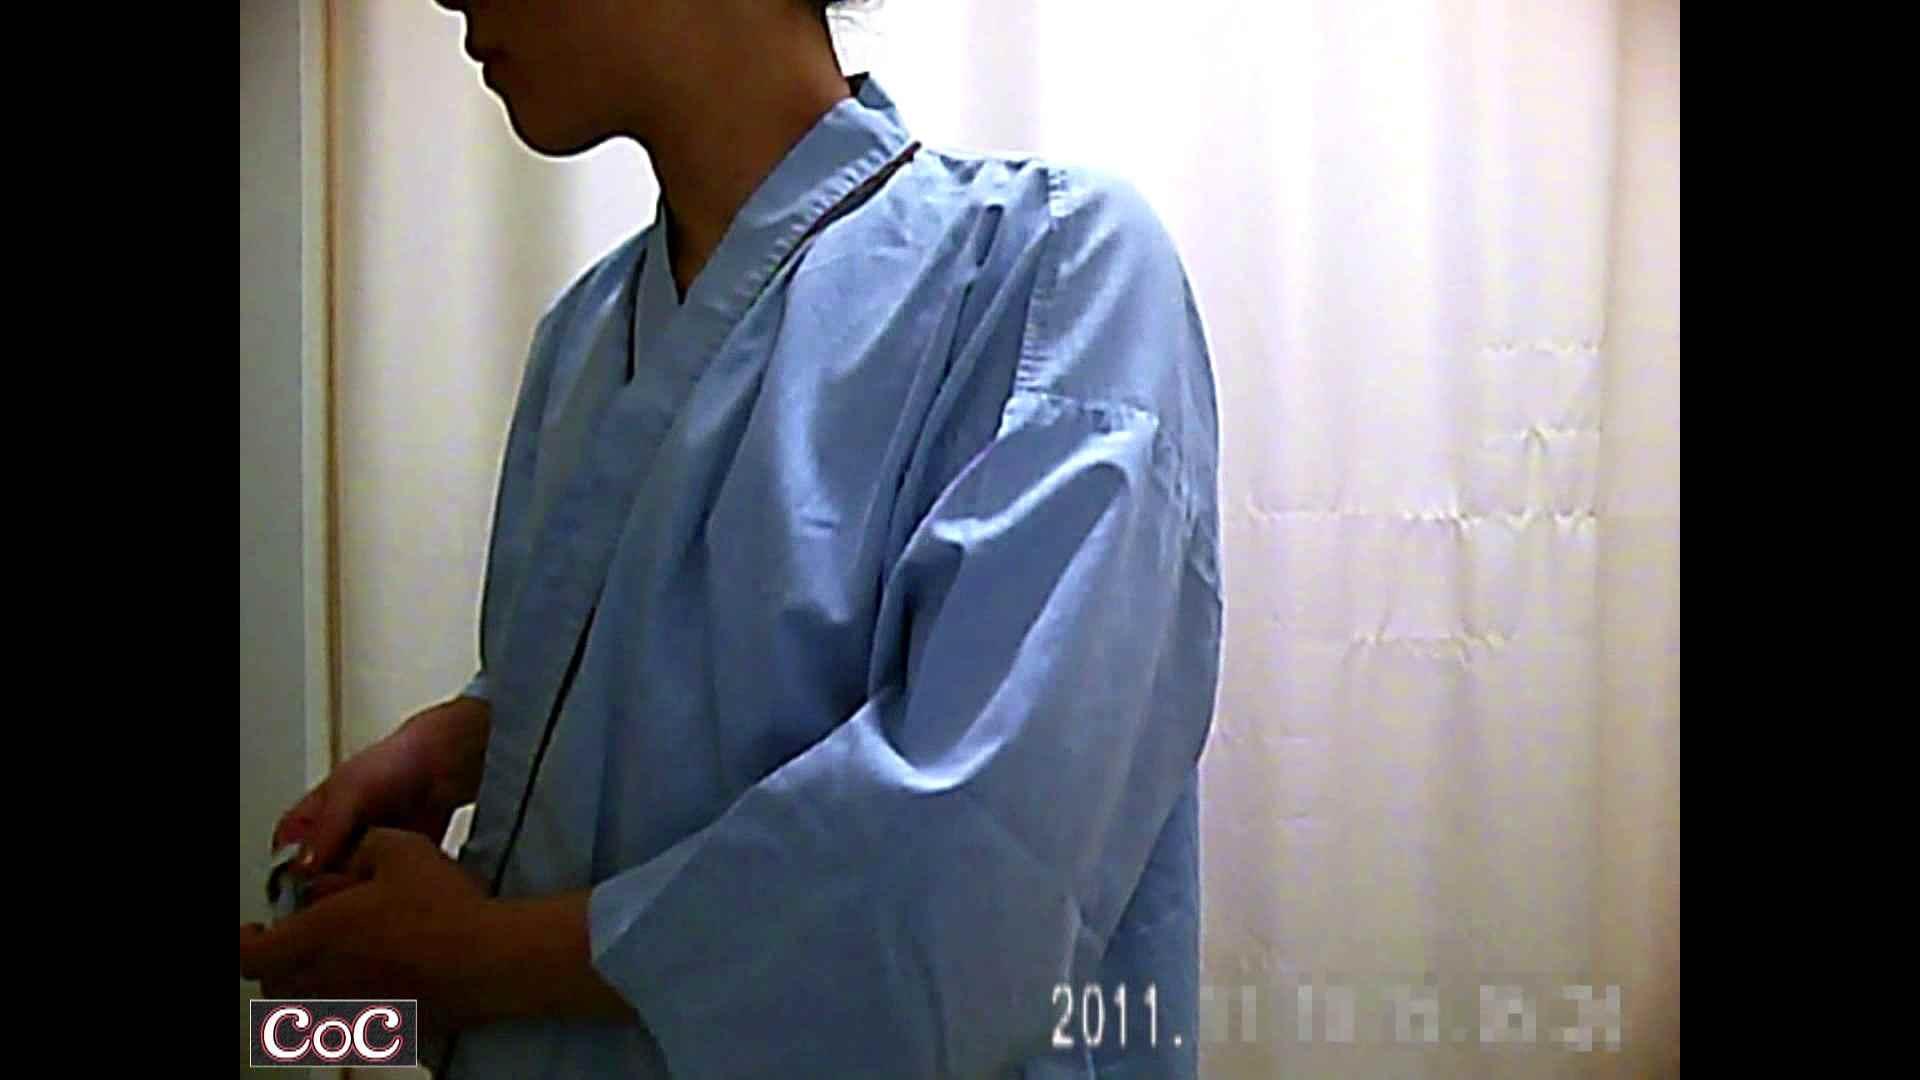 病院おもいっきり着替え! vol.87 巨乳 | 盗撮  99pic 27